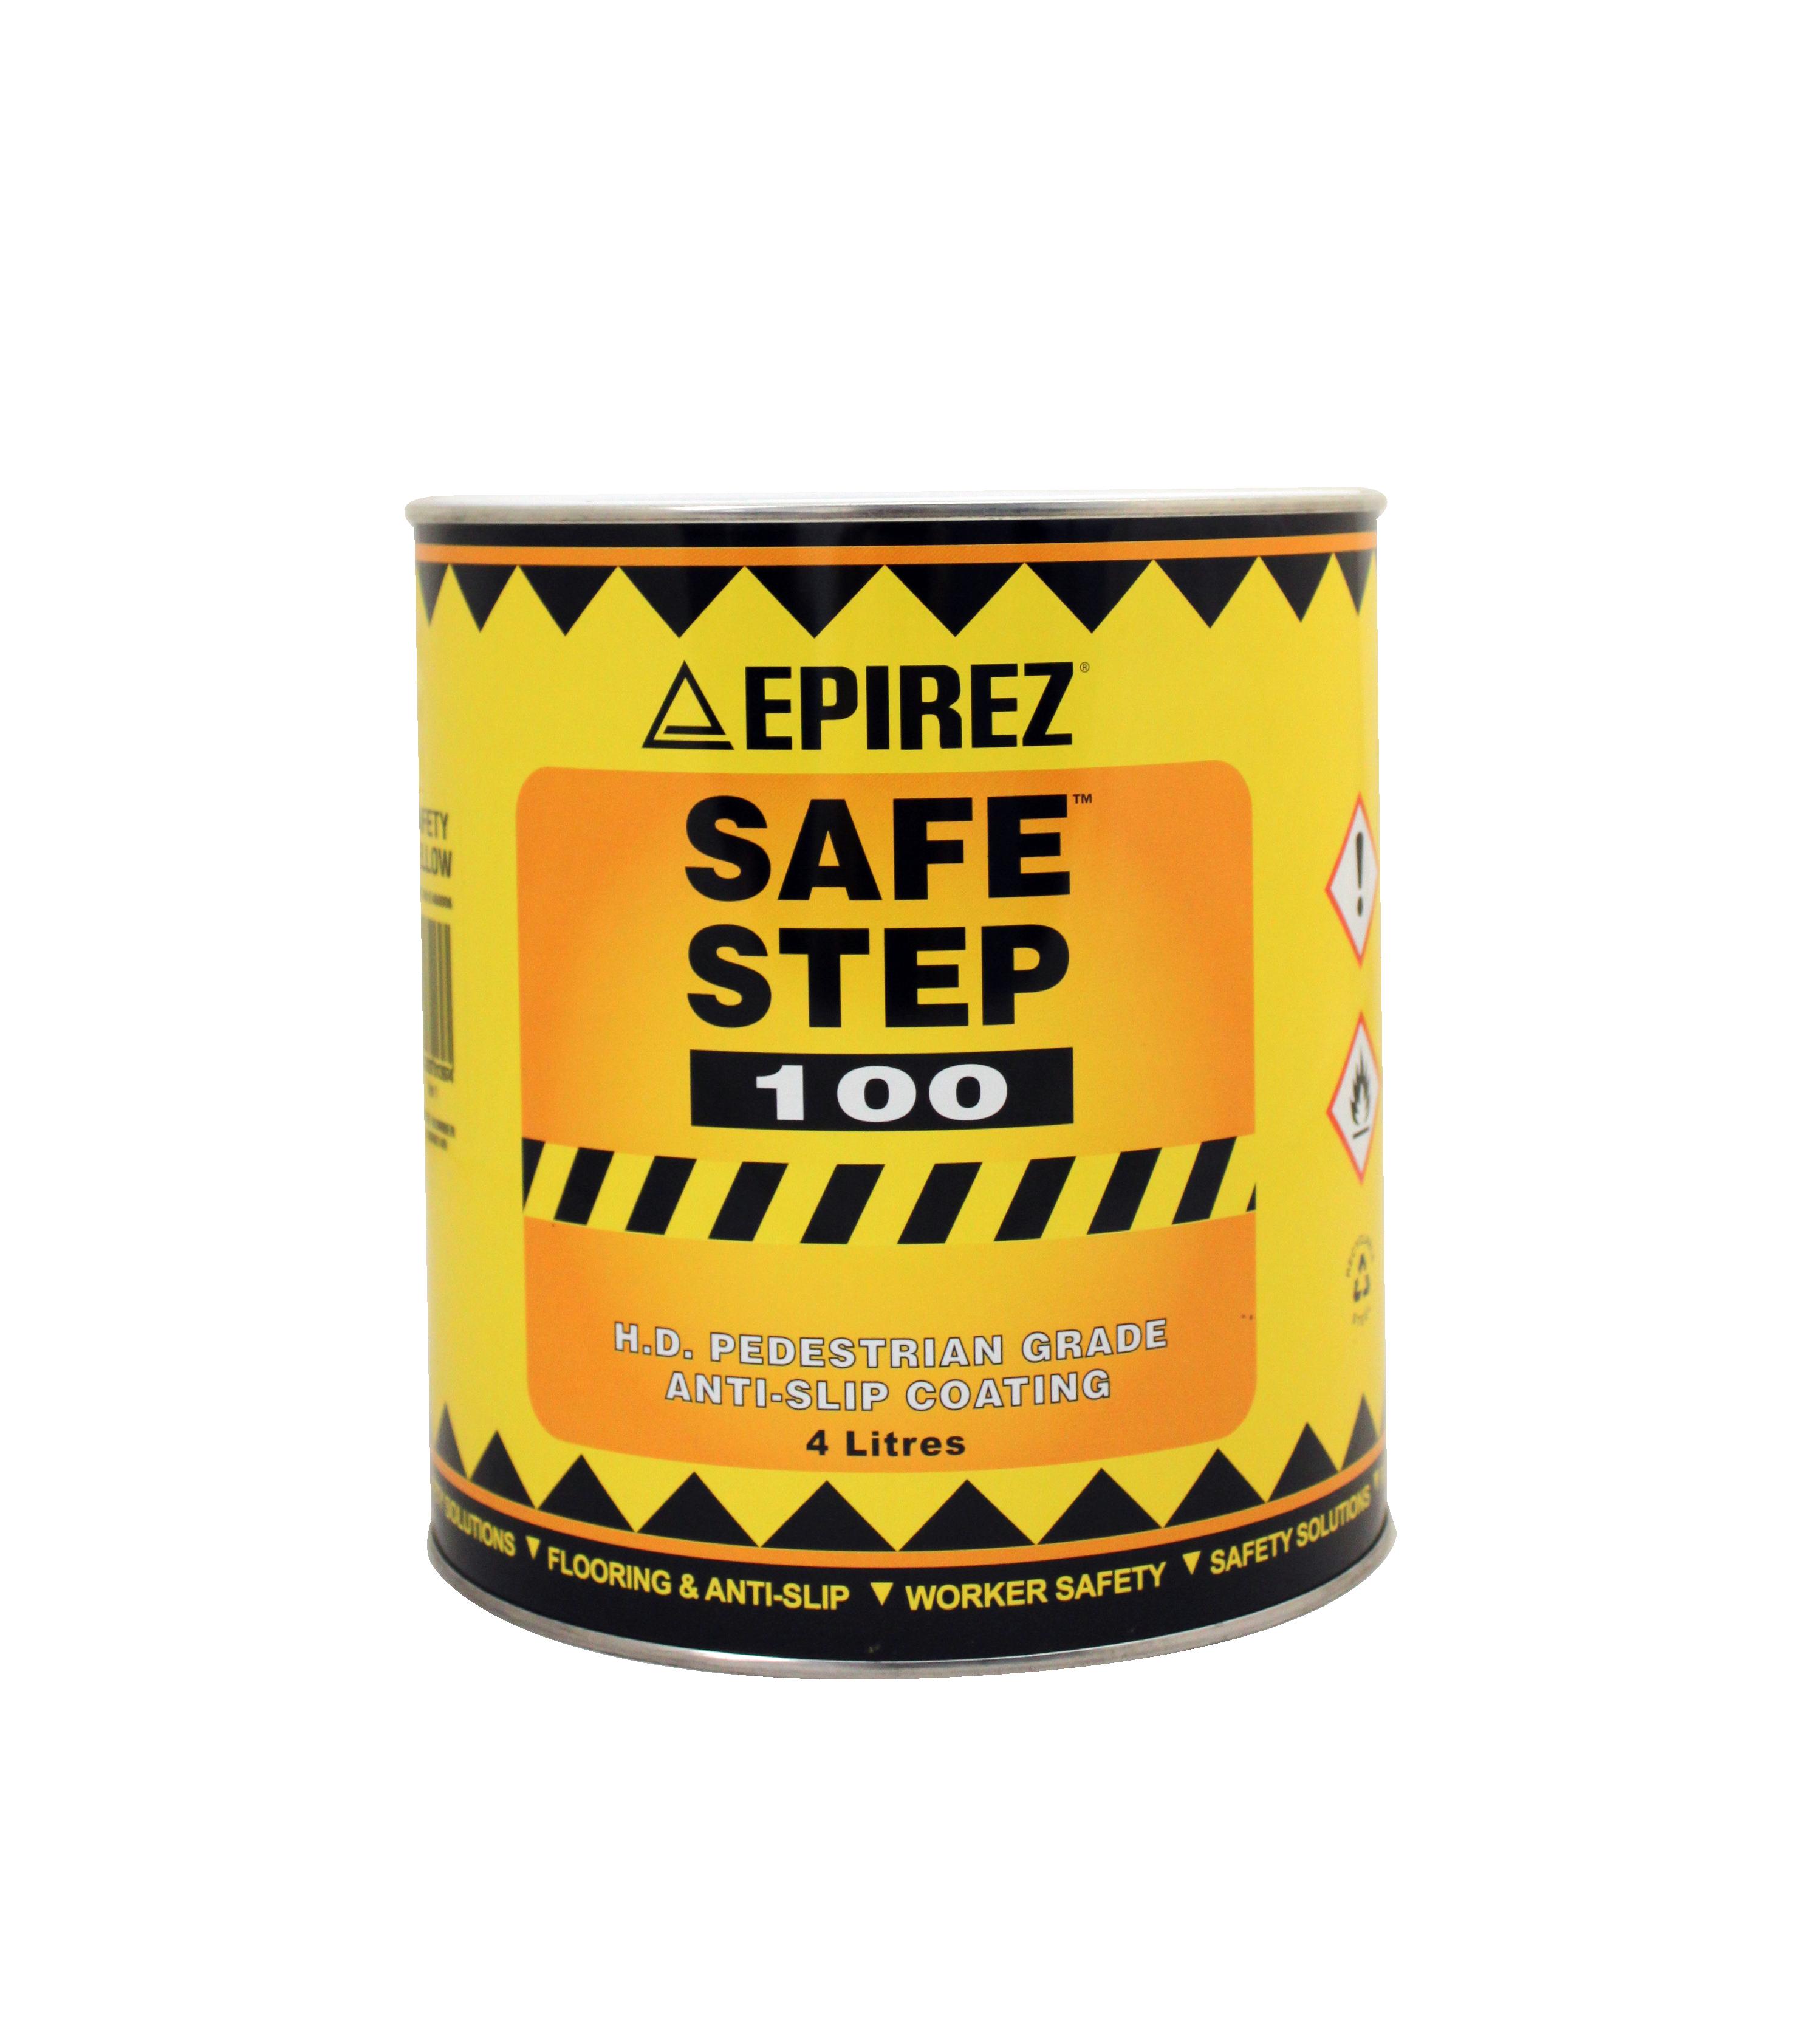 Epirez Safe Step 100 – Heavy duty pedestrian grade anti-slip safety coating